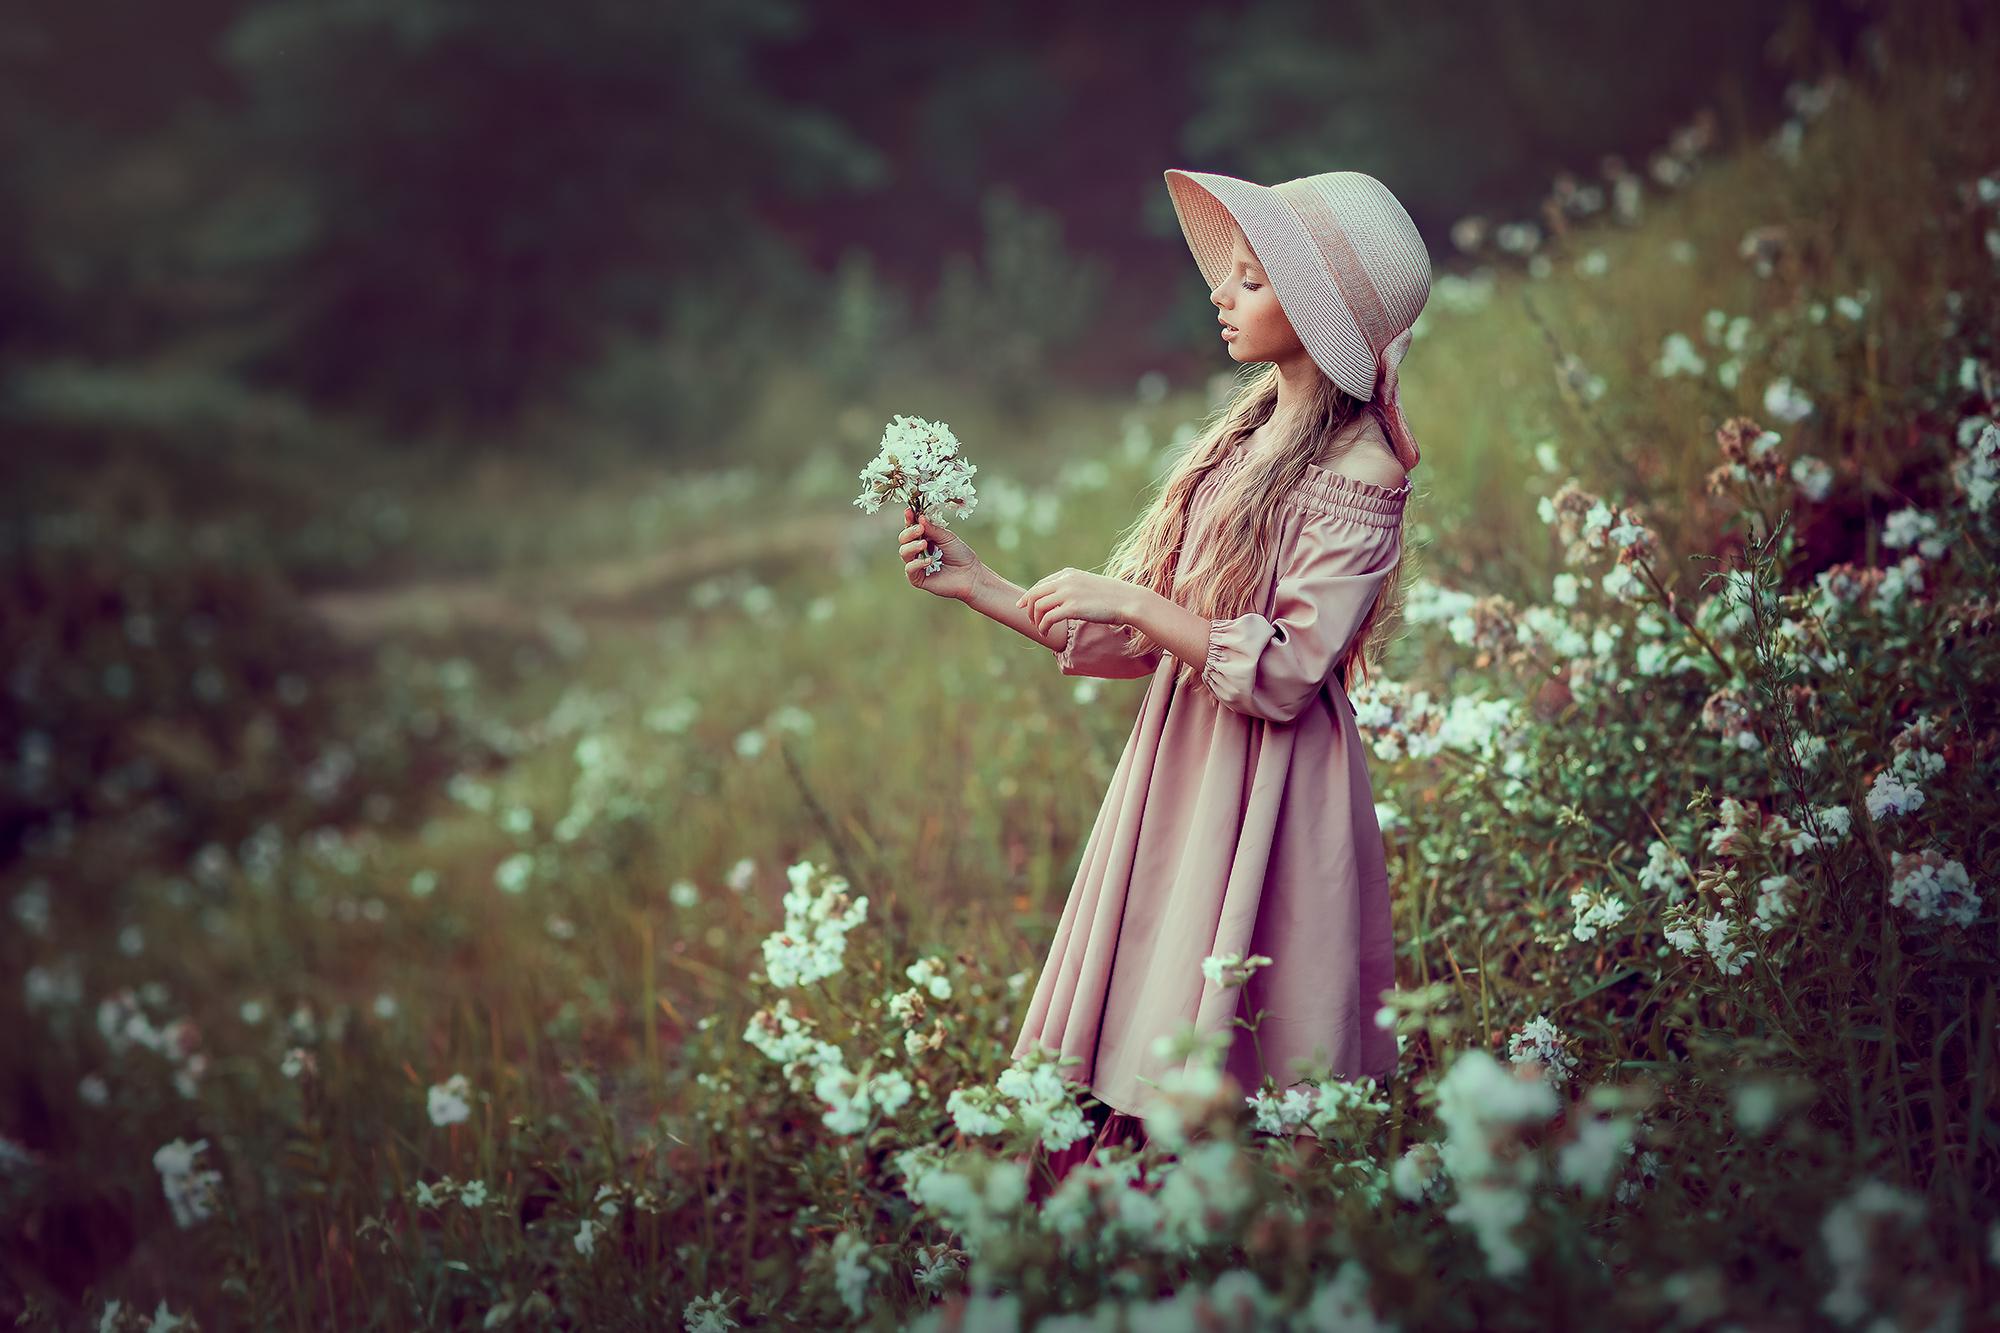 Детская фотосессия для девочки 14 лет. Девочка и цветы. Фотограф Катрин Белоцерковская